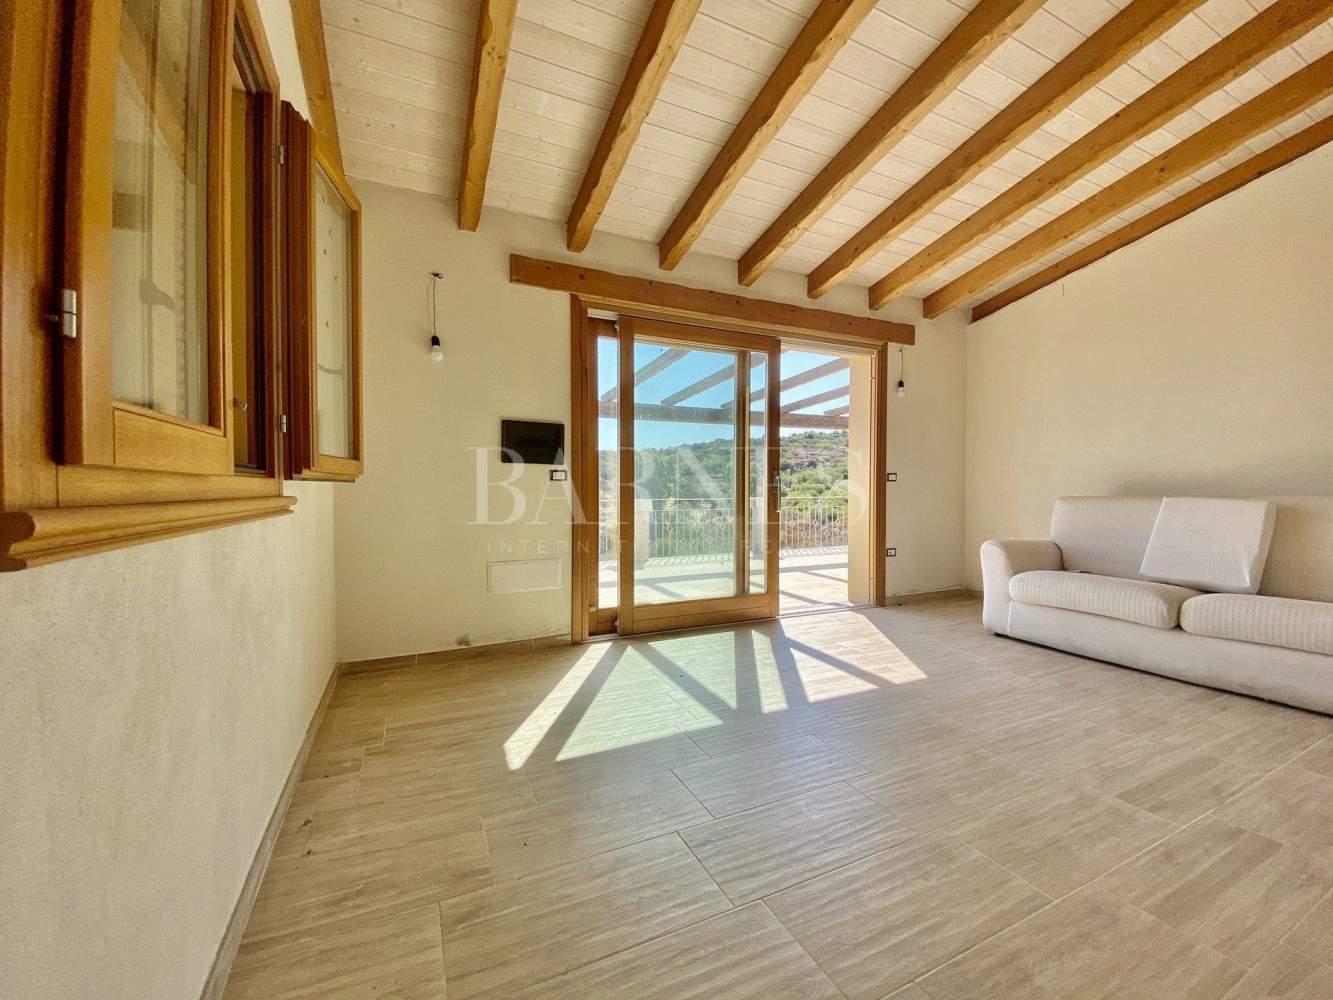 Loiri Porto San Paolo  - Maison 4 Pièces 2 Chambres - picture 8